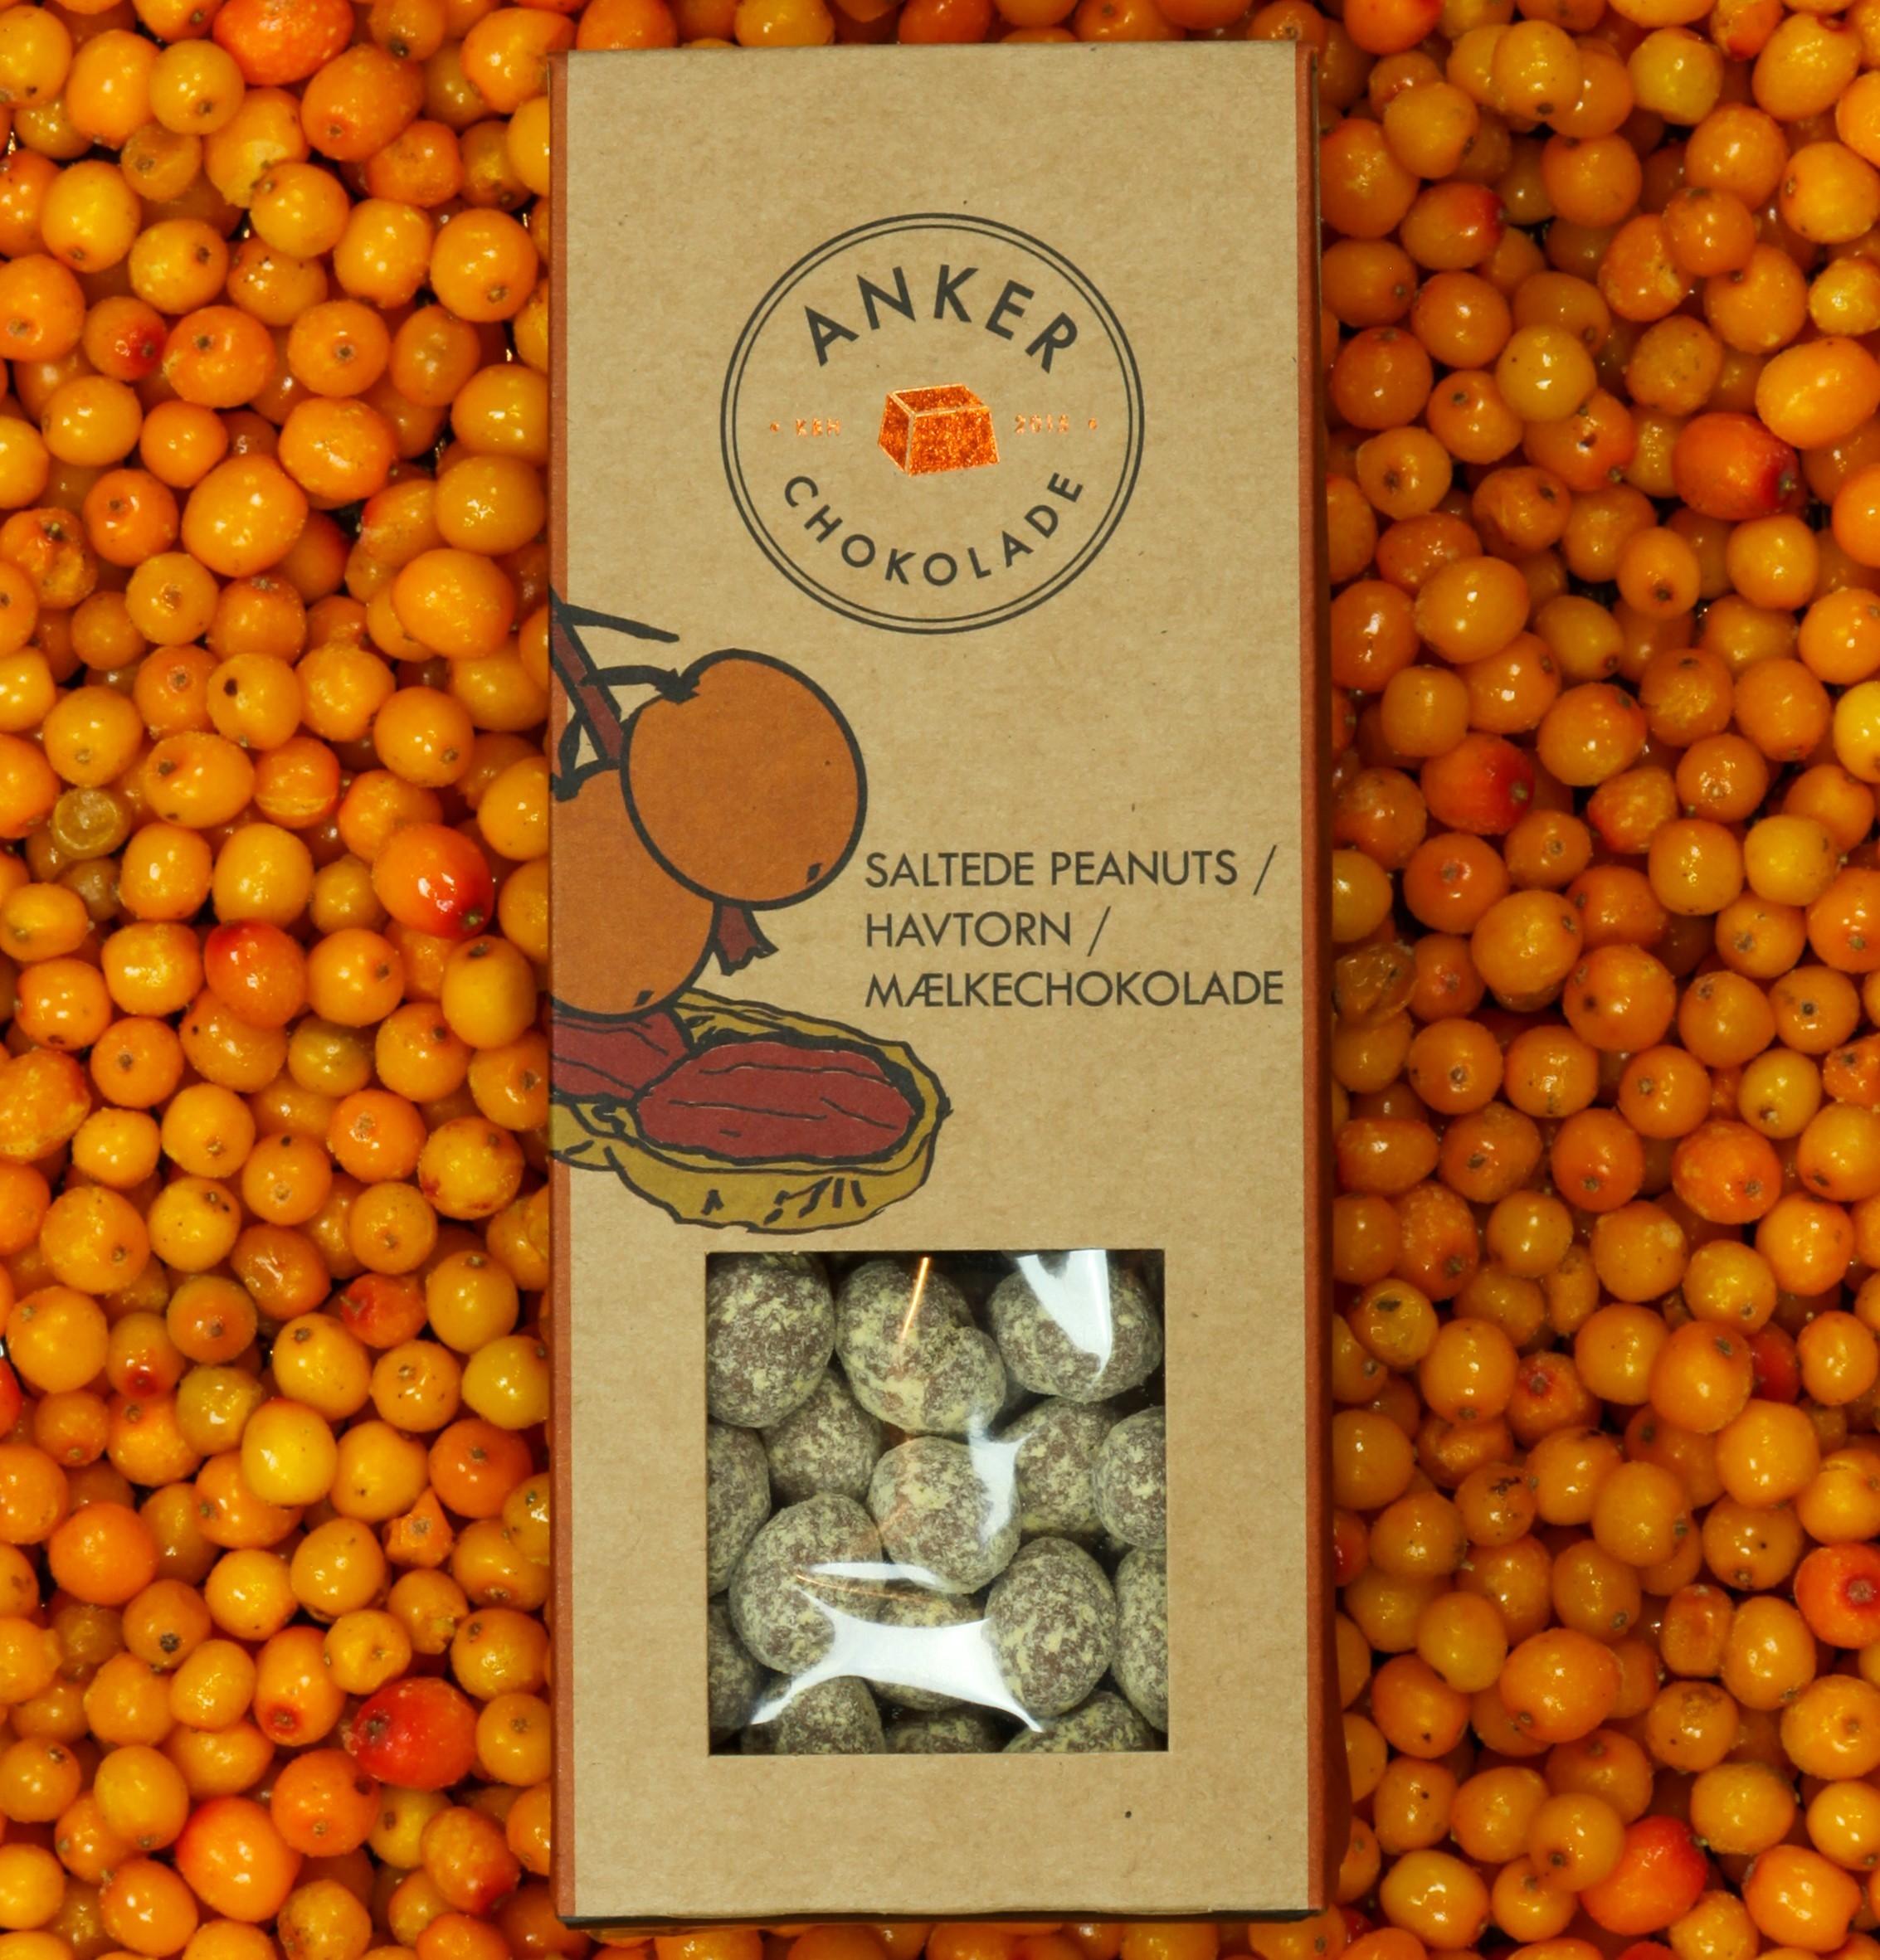 Ankers Dragee - Saltede Peanuts/Havtorn/Mælkechokolade